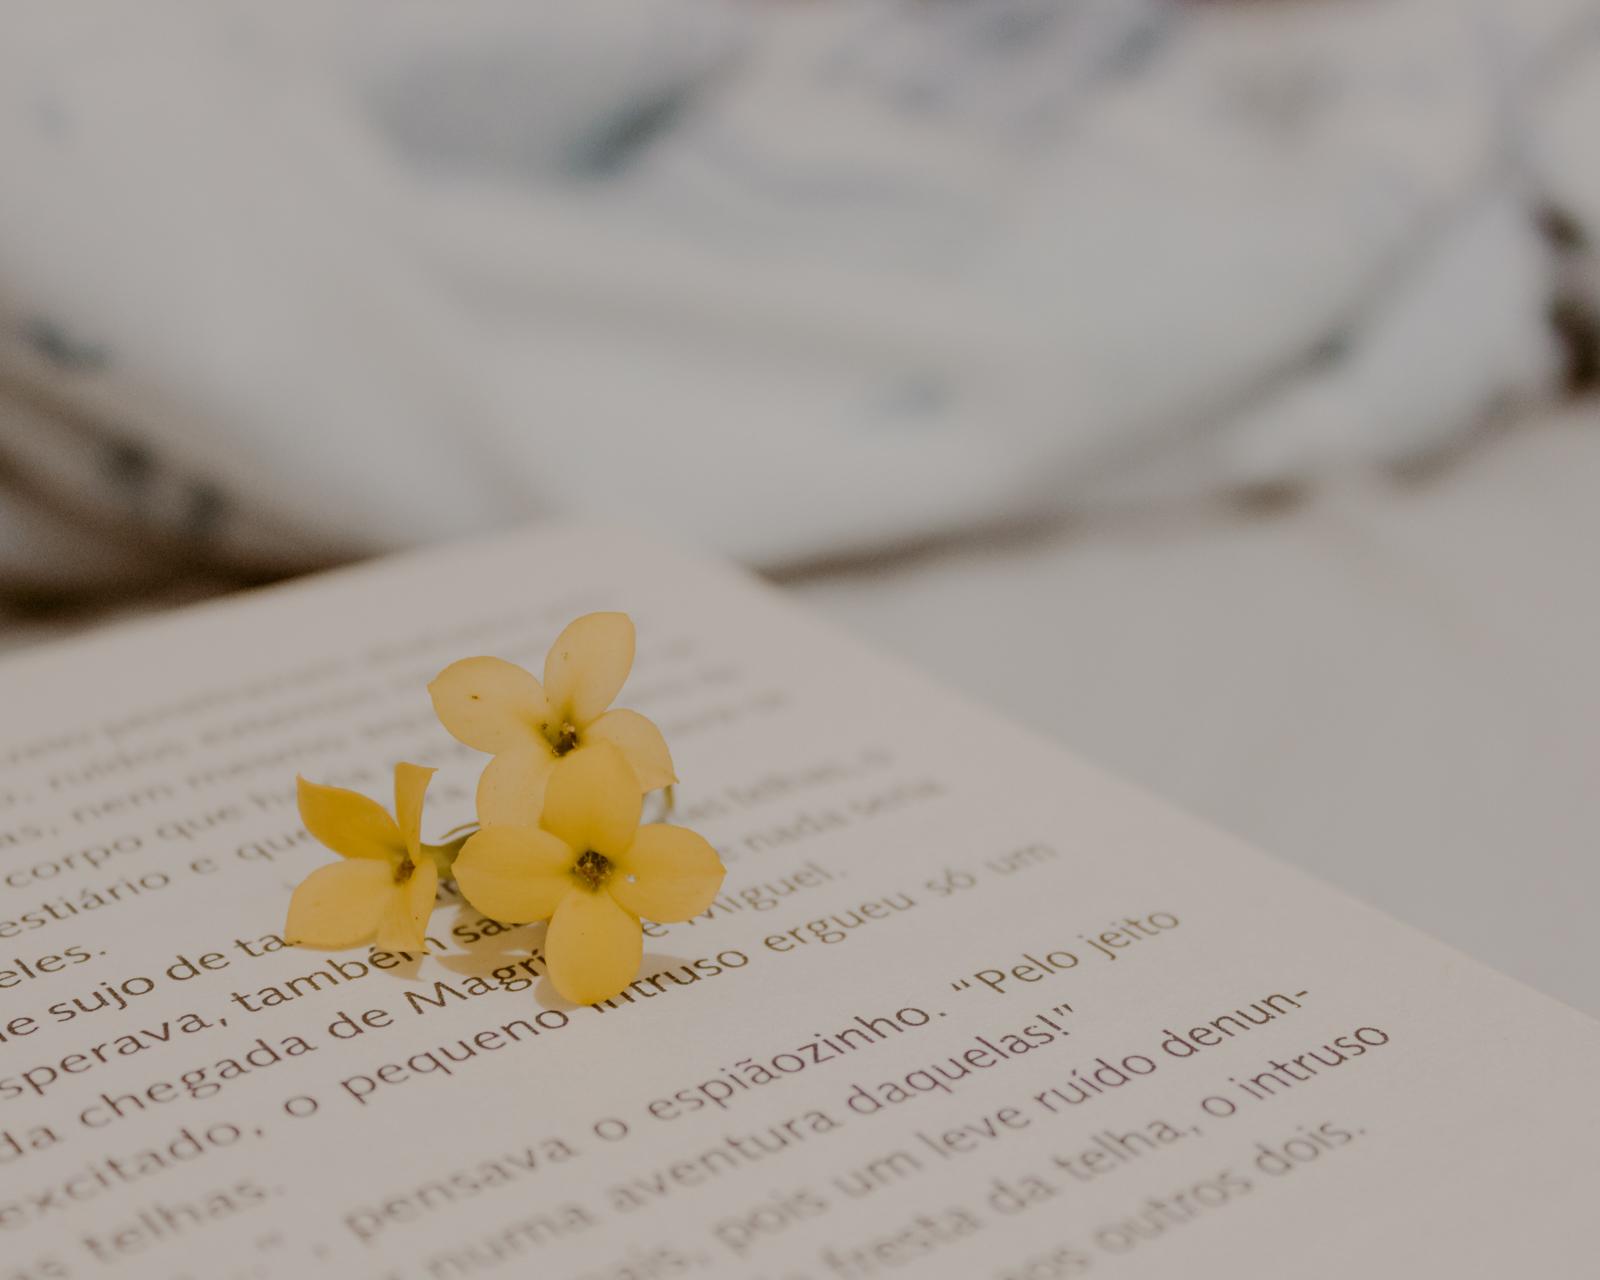 flor amarela e livro na cama